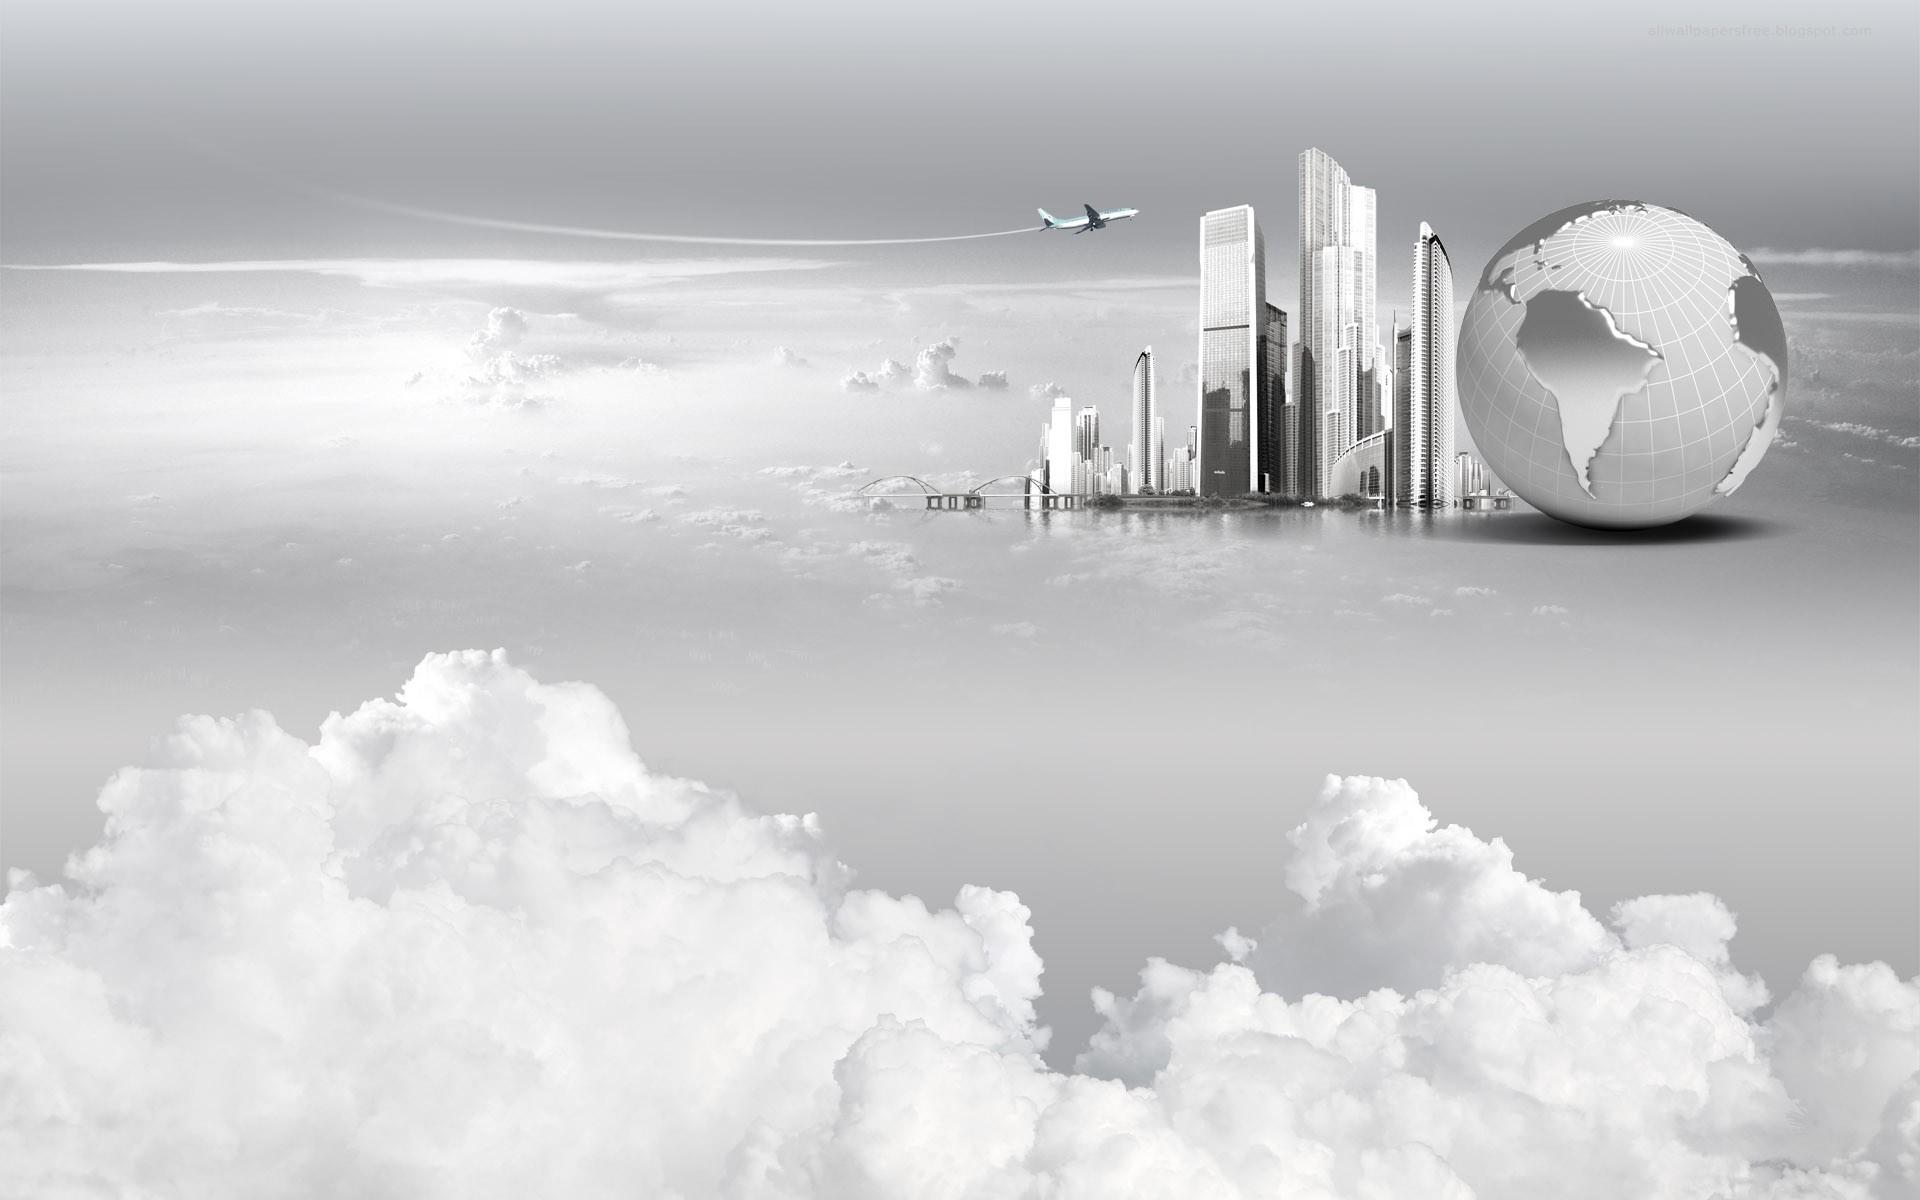 Business_world-wide.jpg Business 1920×1200